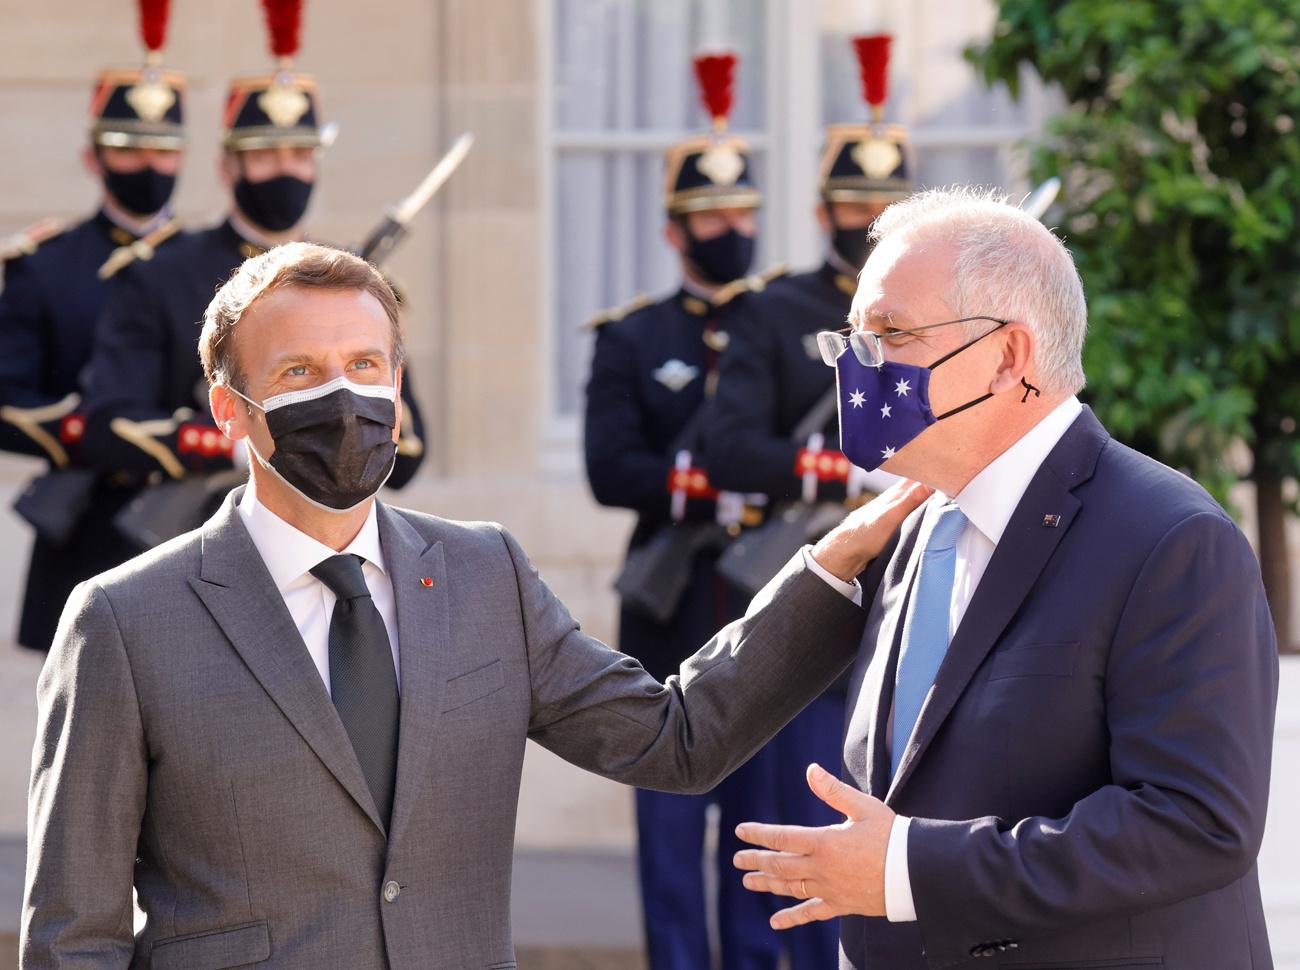 Macron reçoit Morrison le 15 juin 2021 à Paris, Reuters